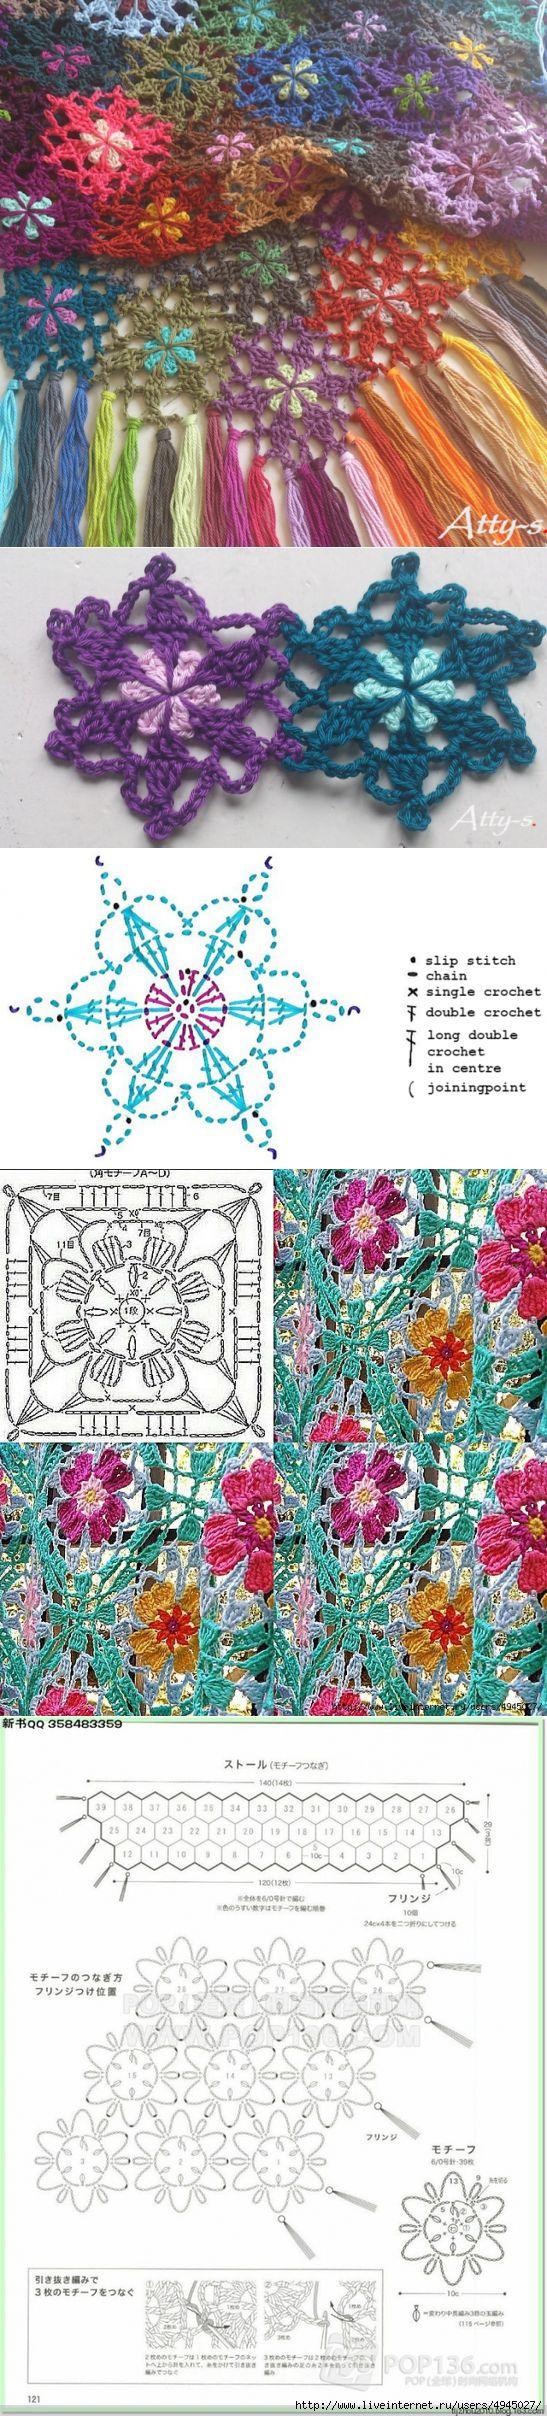 Scarf motifs hook